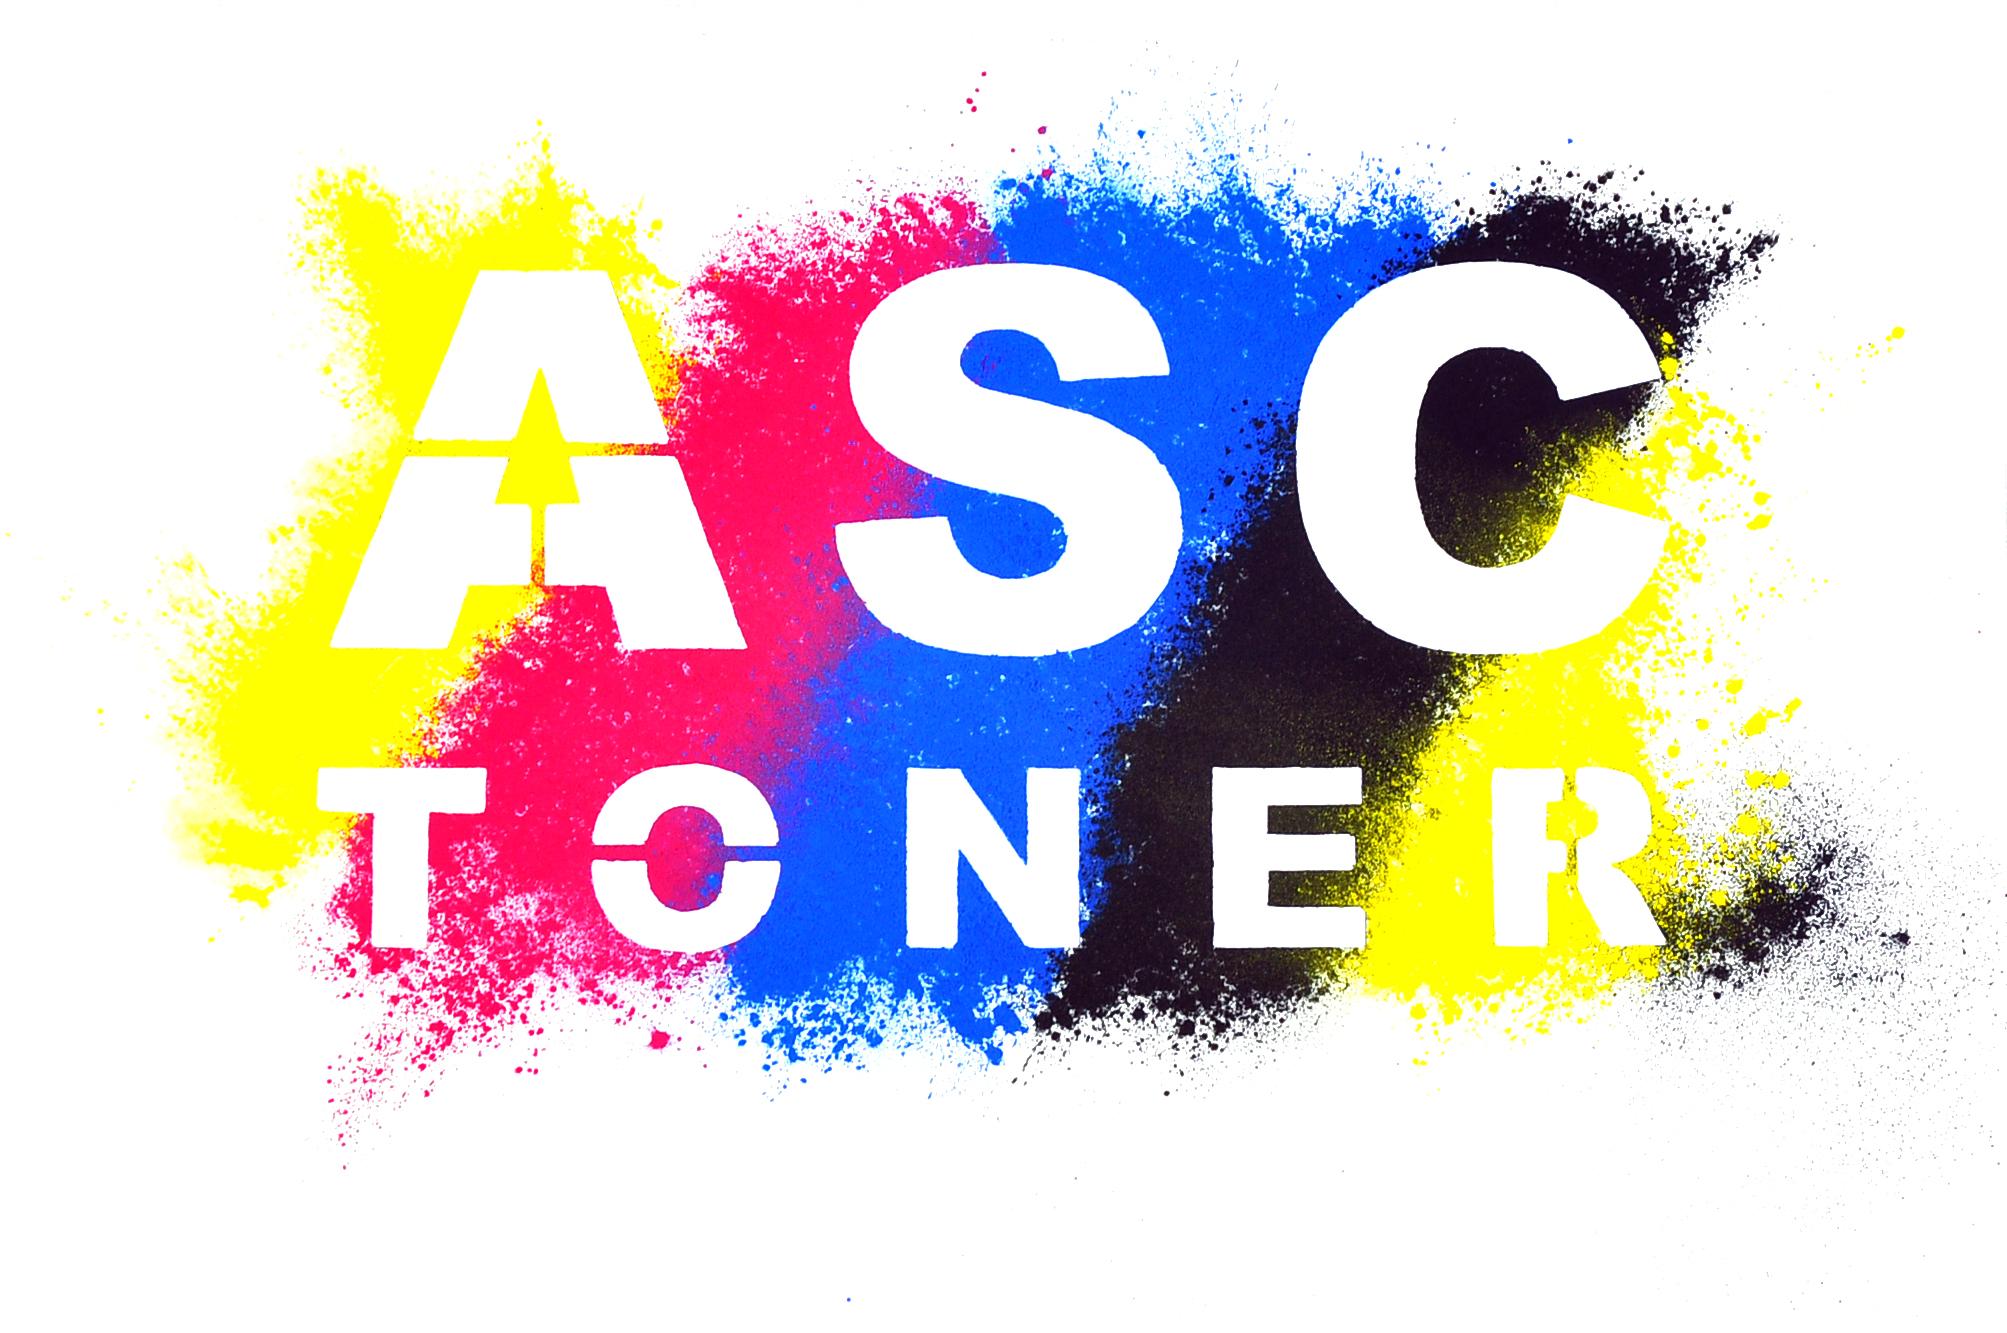 asctoner4